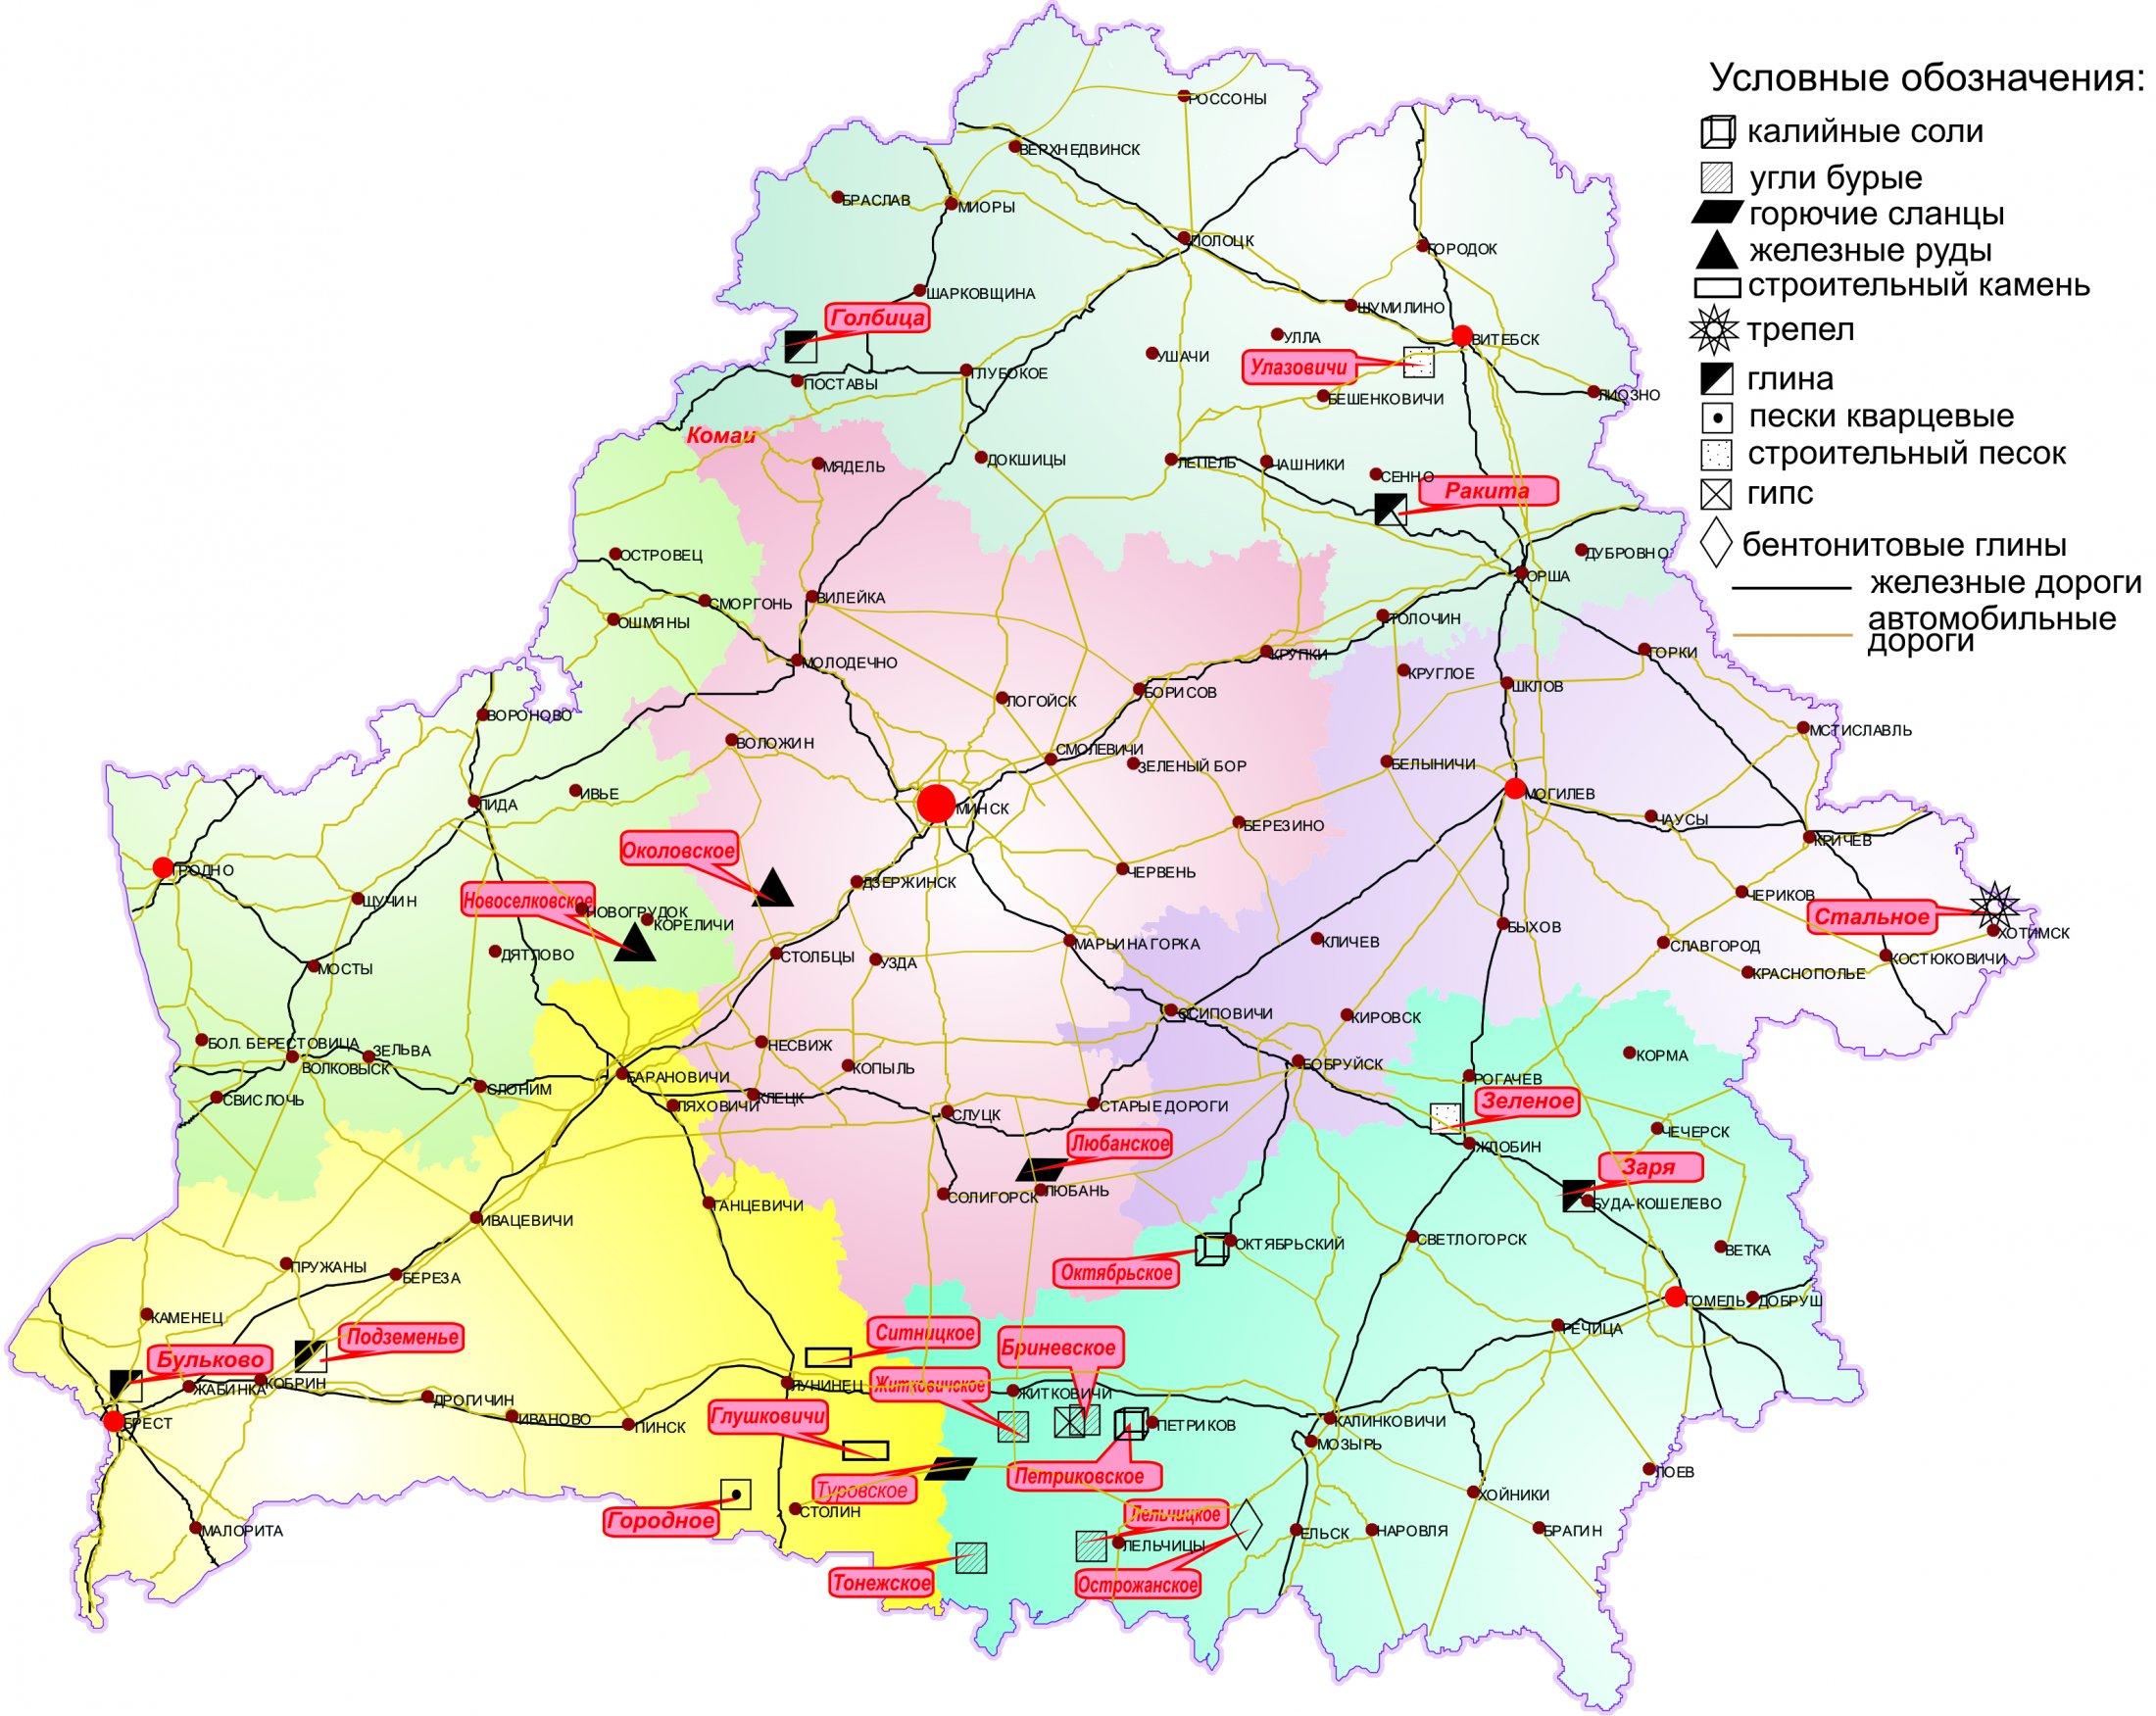 Карта месторождений Беларуси для инвесторов